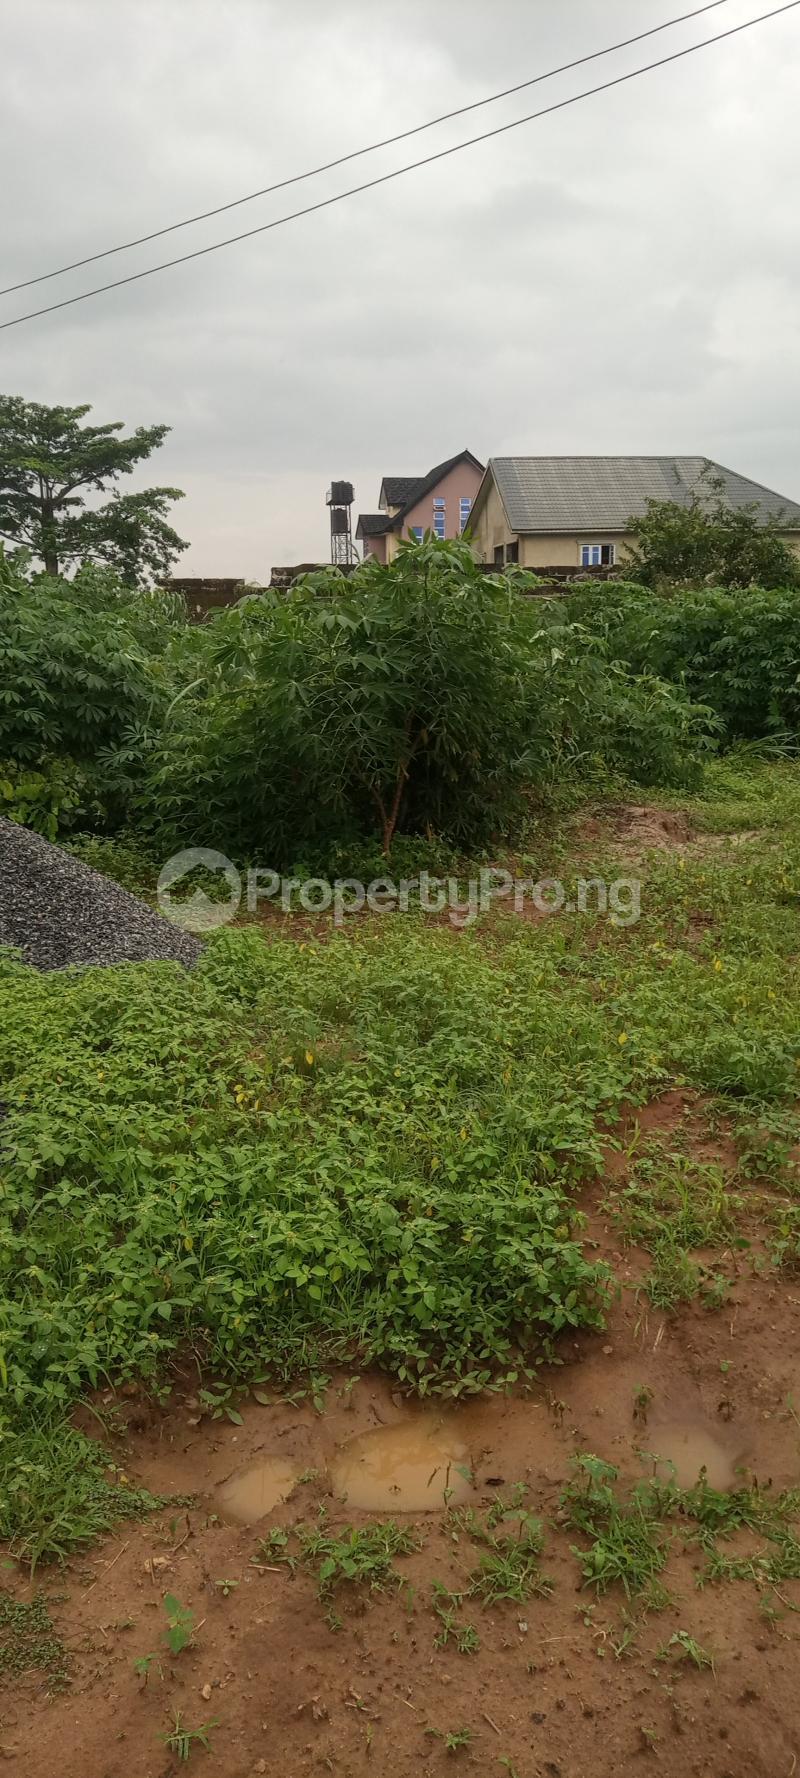 Residential Land for sale Road13, Av13 Fagun Estate Ondo Ondo West Ondo - 1